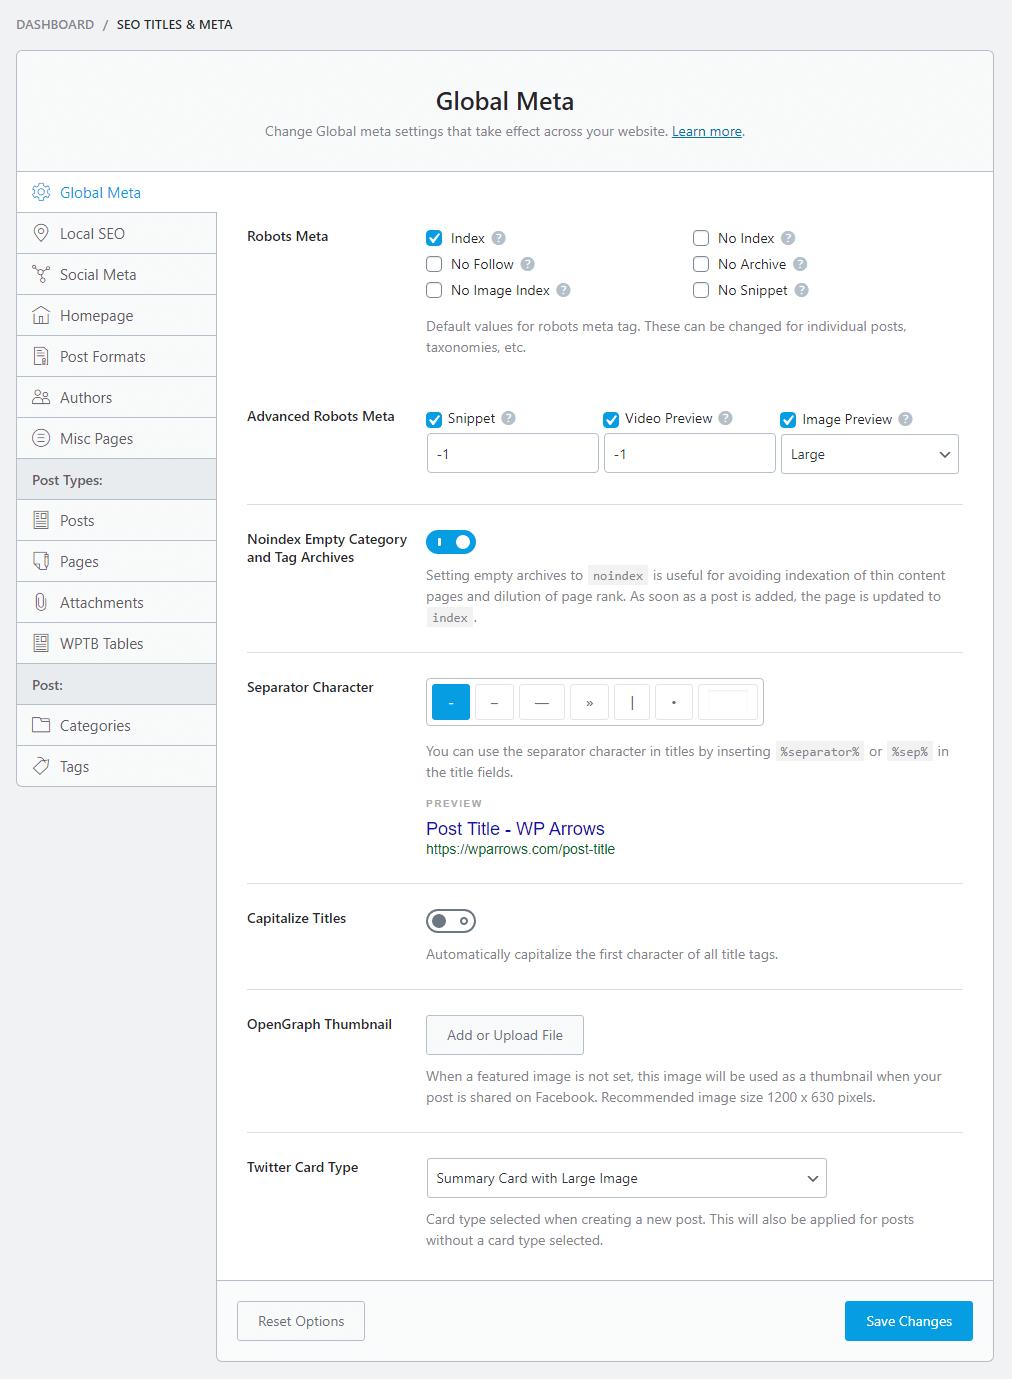 SEO titles and Meta settings